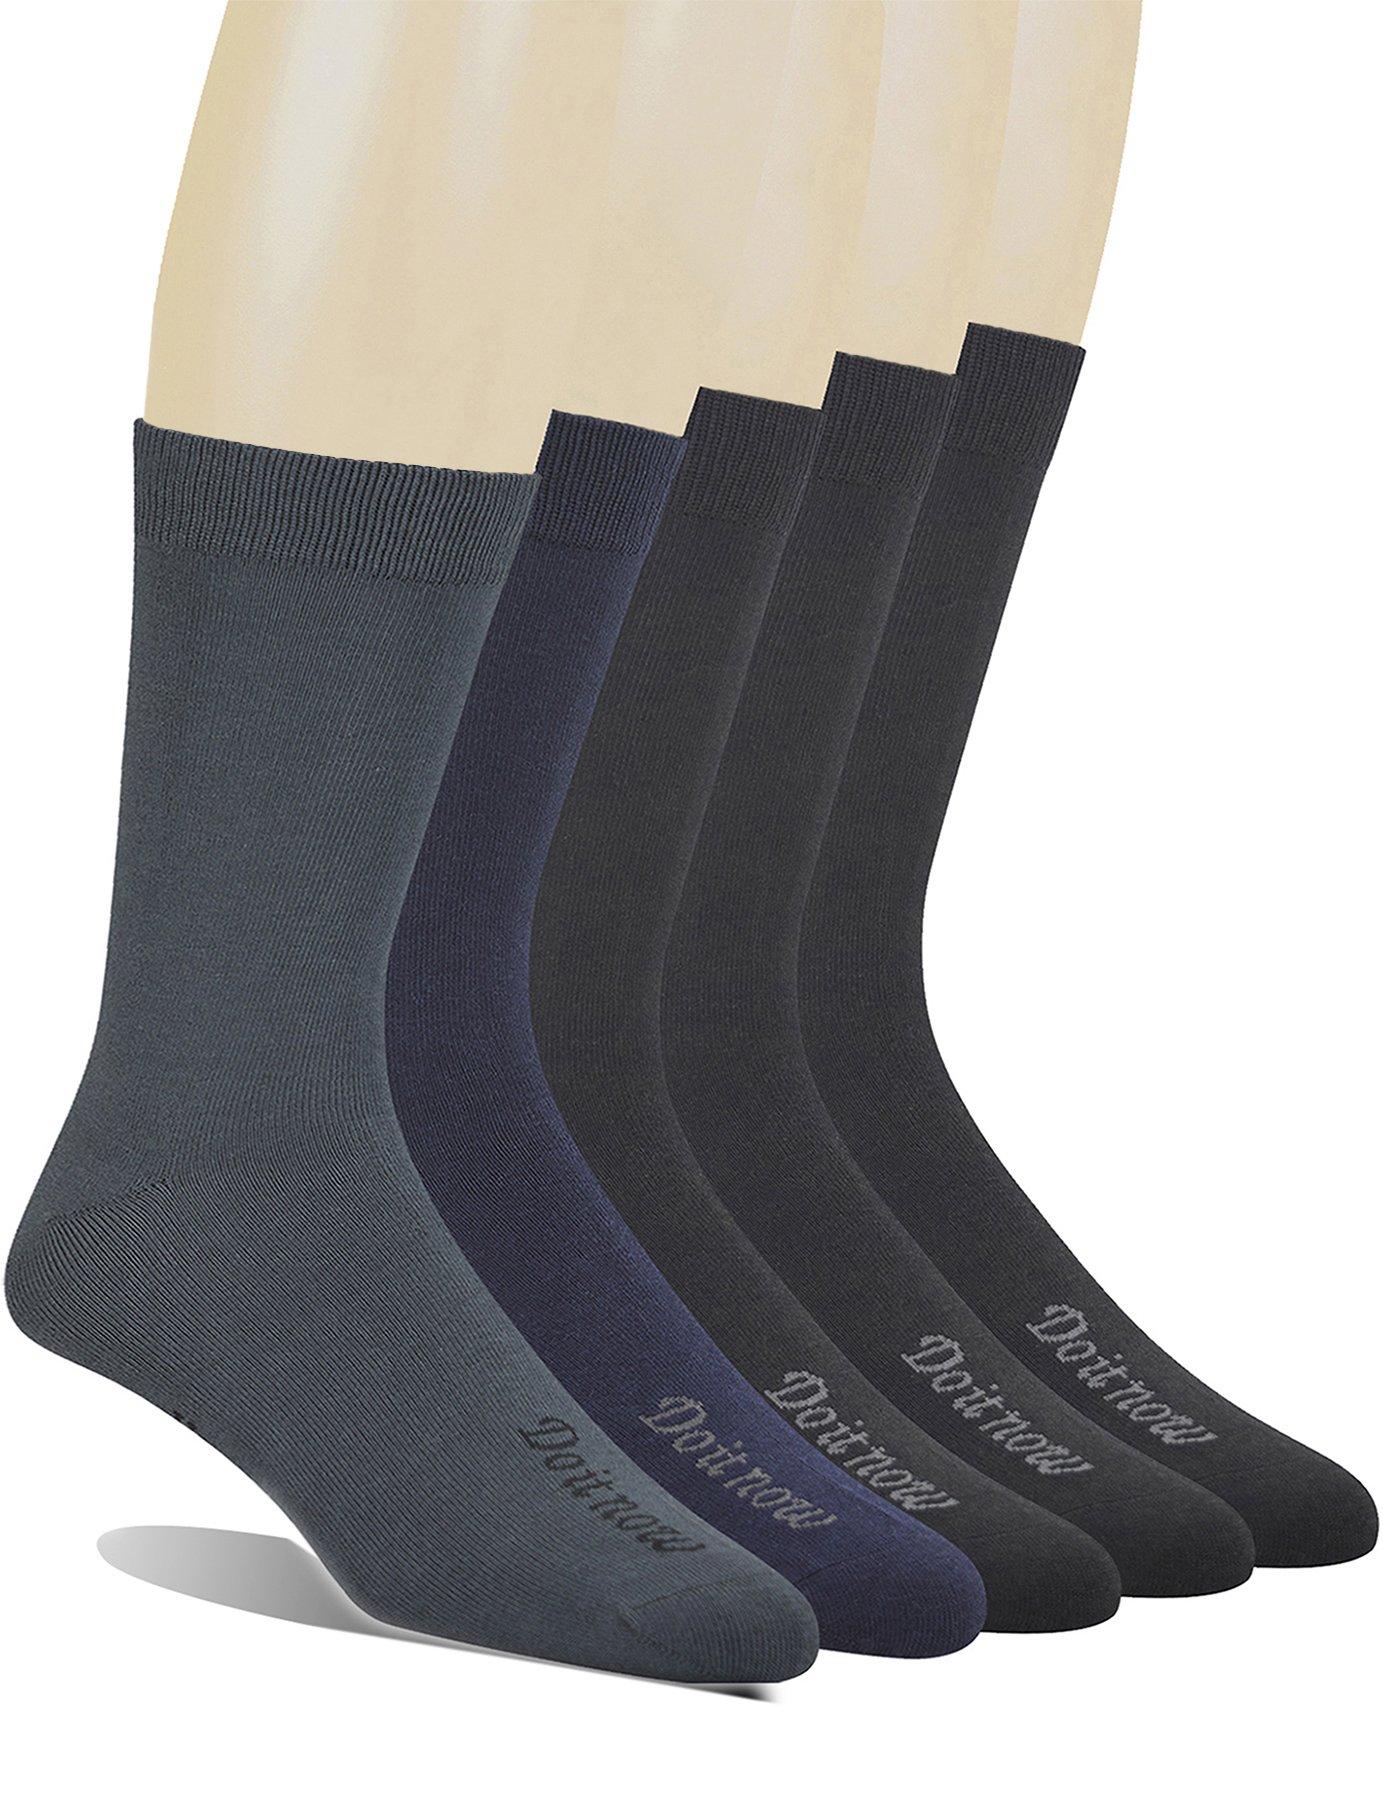 Yomandamor Men's 5 Pack Bamboo Mid-Calf Dress Socks,Size 10-13